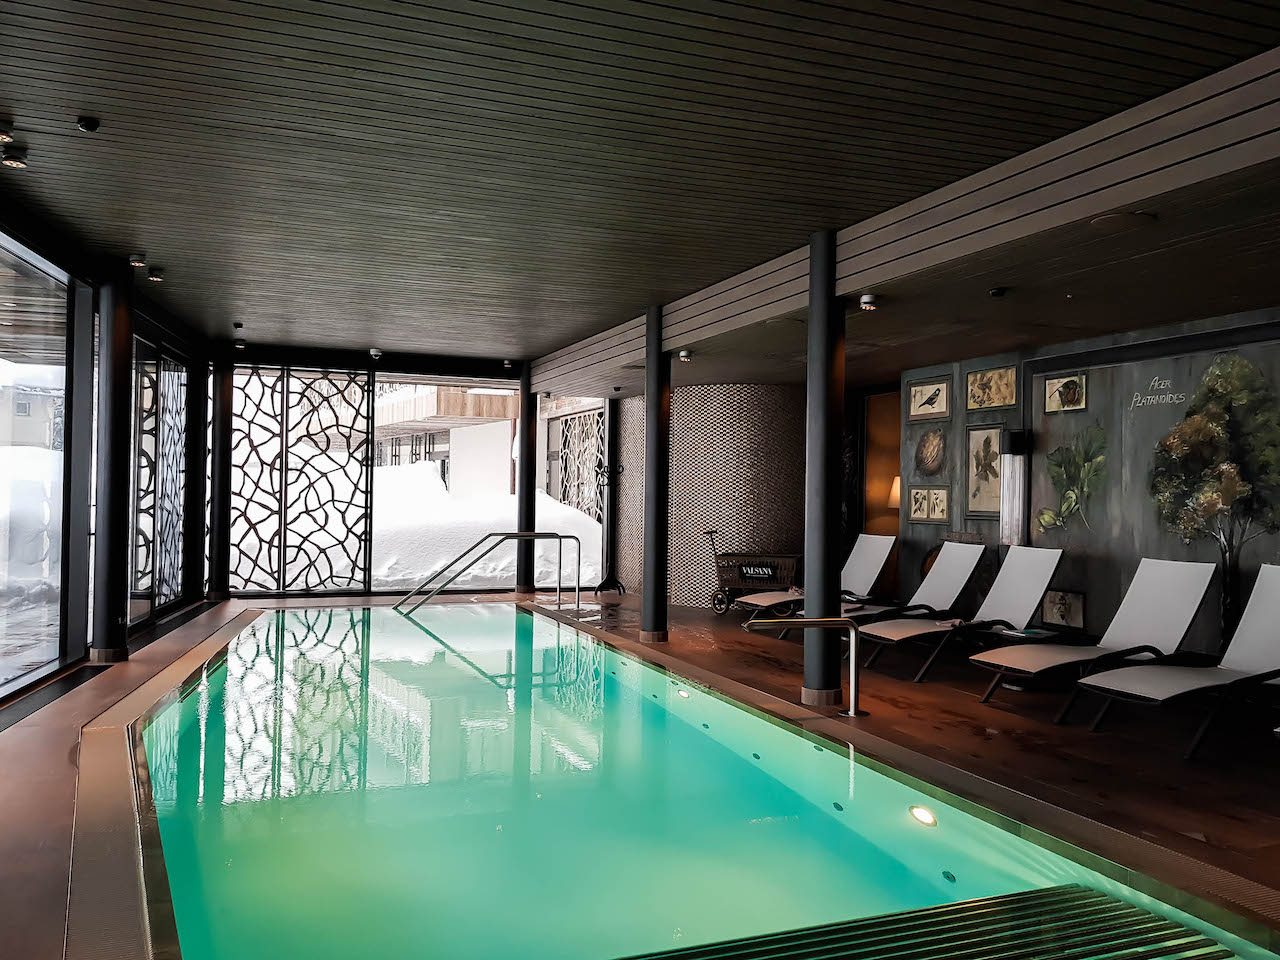 Das Schwimmbad im Hotel Valsana.